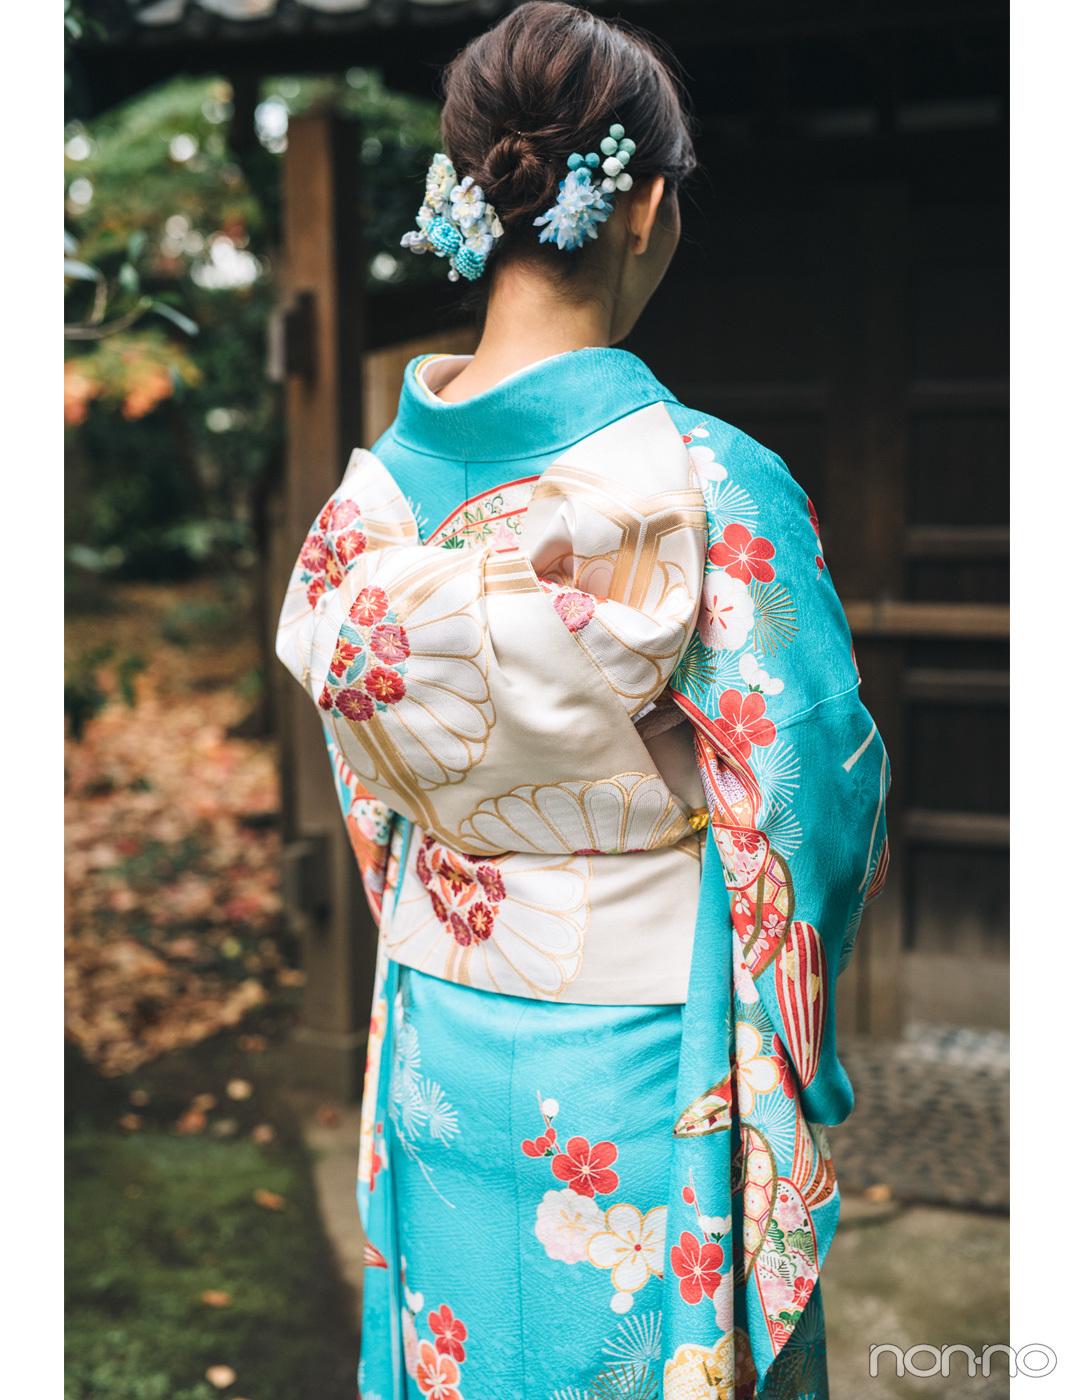 渡邉理佐の振袖コーデ♡ フレッシュな水色は白の帯で清楚な雰囲気に【成人式2019】_1_2-2